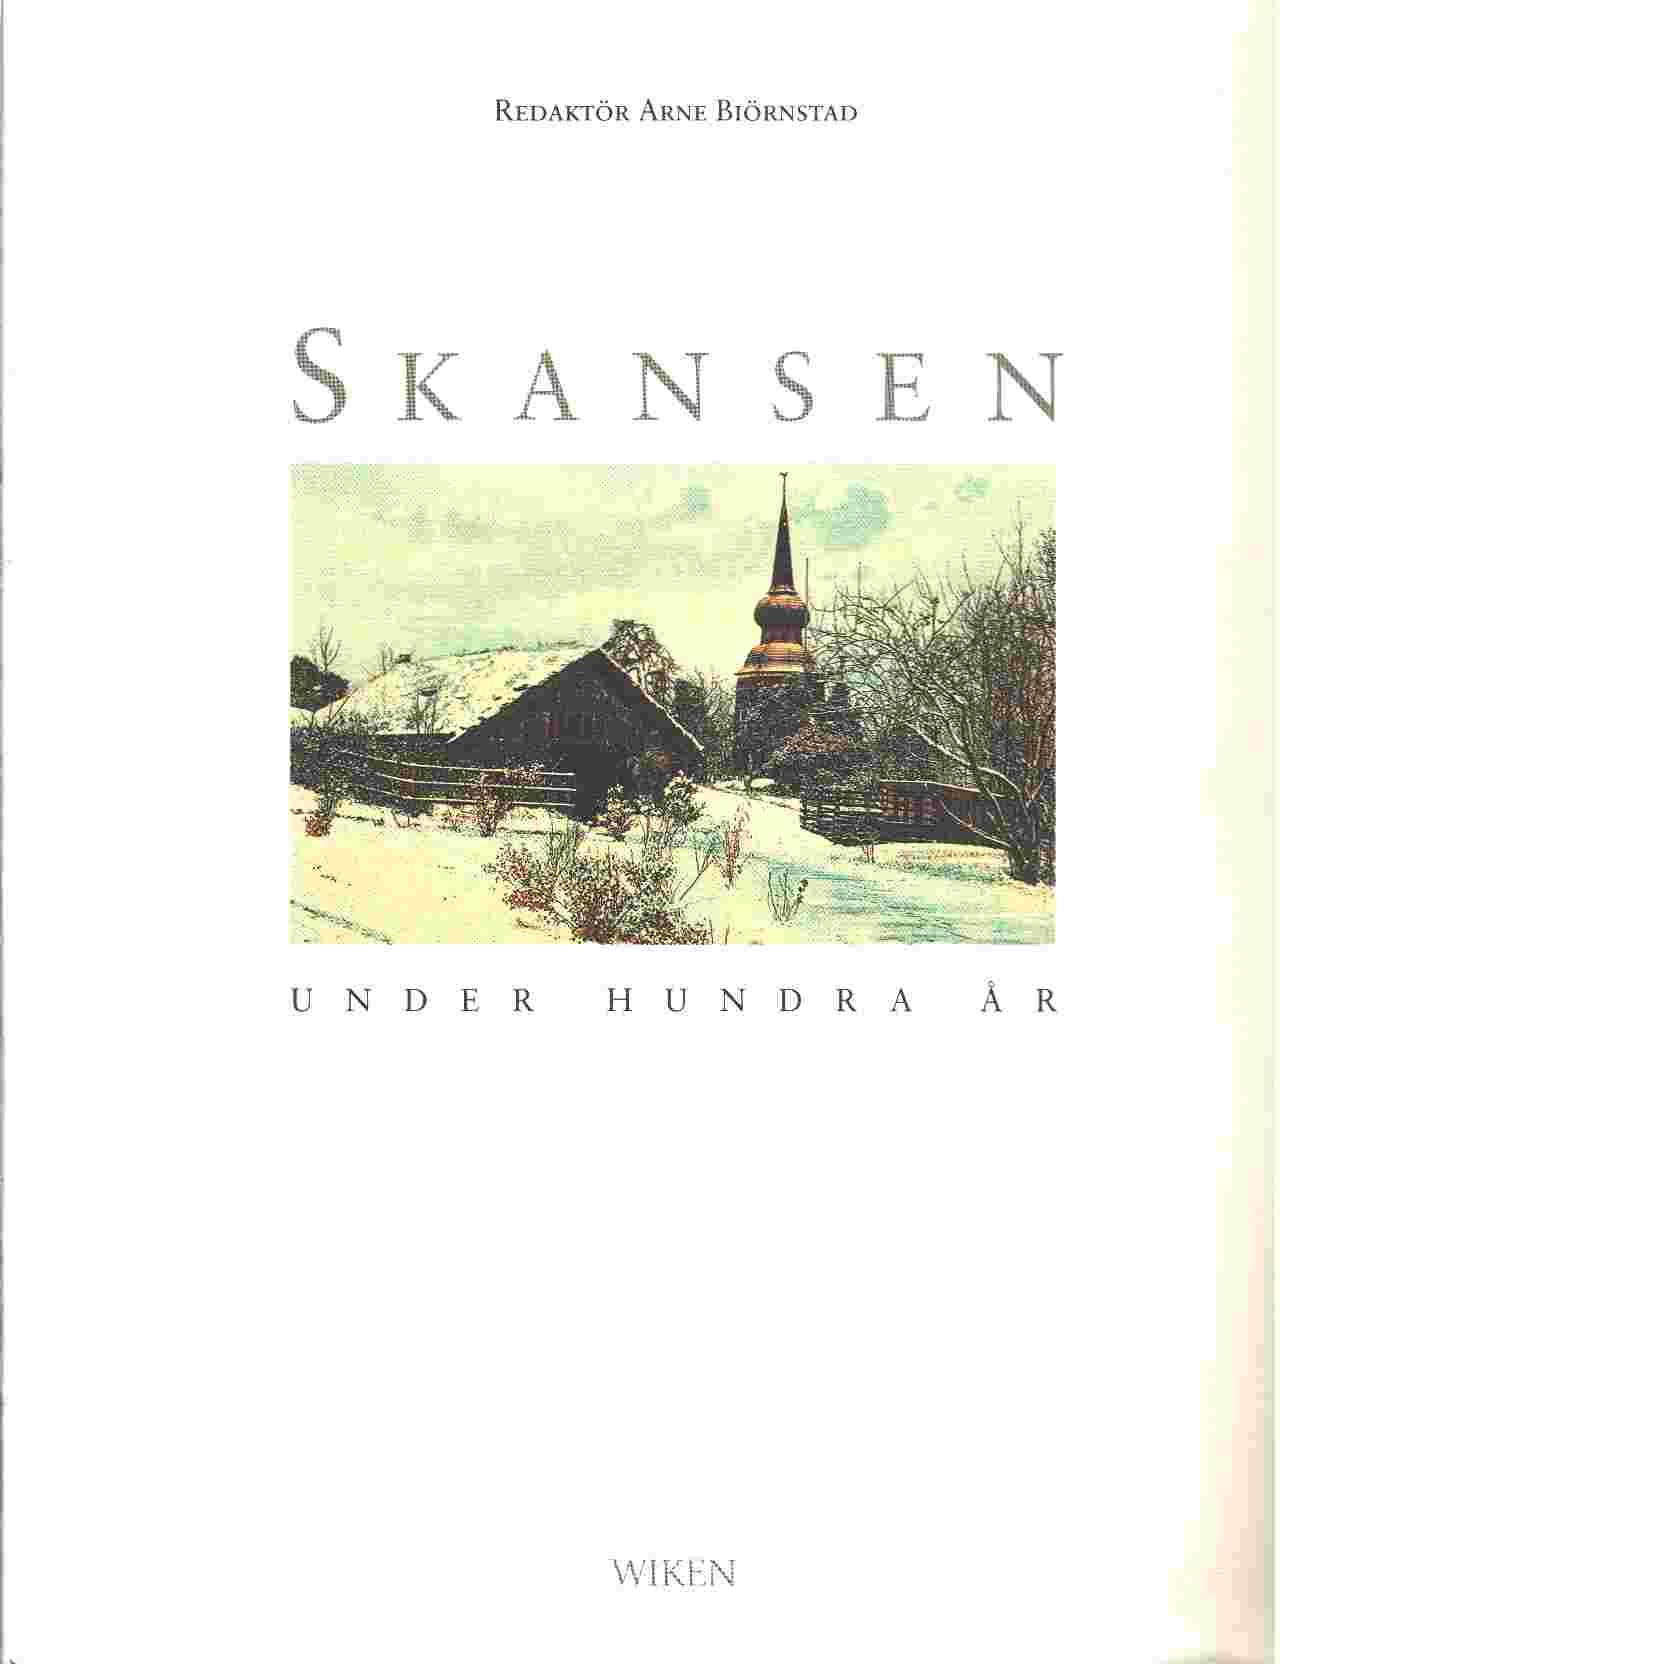 Skansen under hundra år - Bæhrendtz, Nils Erik  och  Biörnstad, Arne